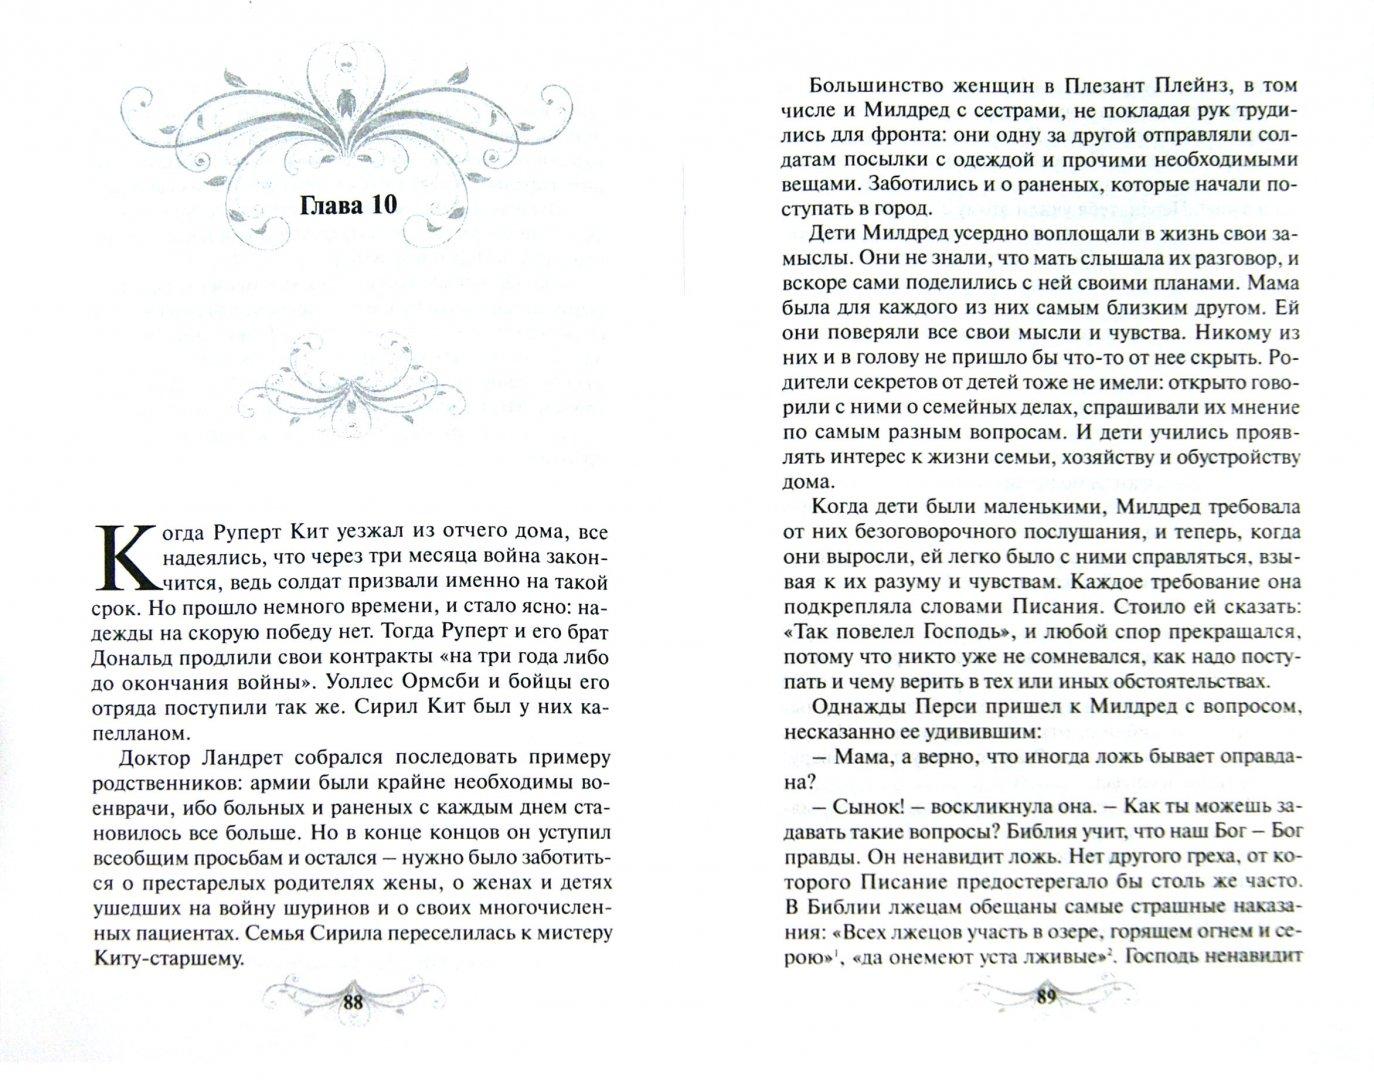 Иллюстрация 1 из 5 для Милдред. Отголоски войны - Марта Финли | Лабиринт - книги. Источник: Лабиринт